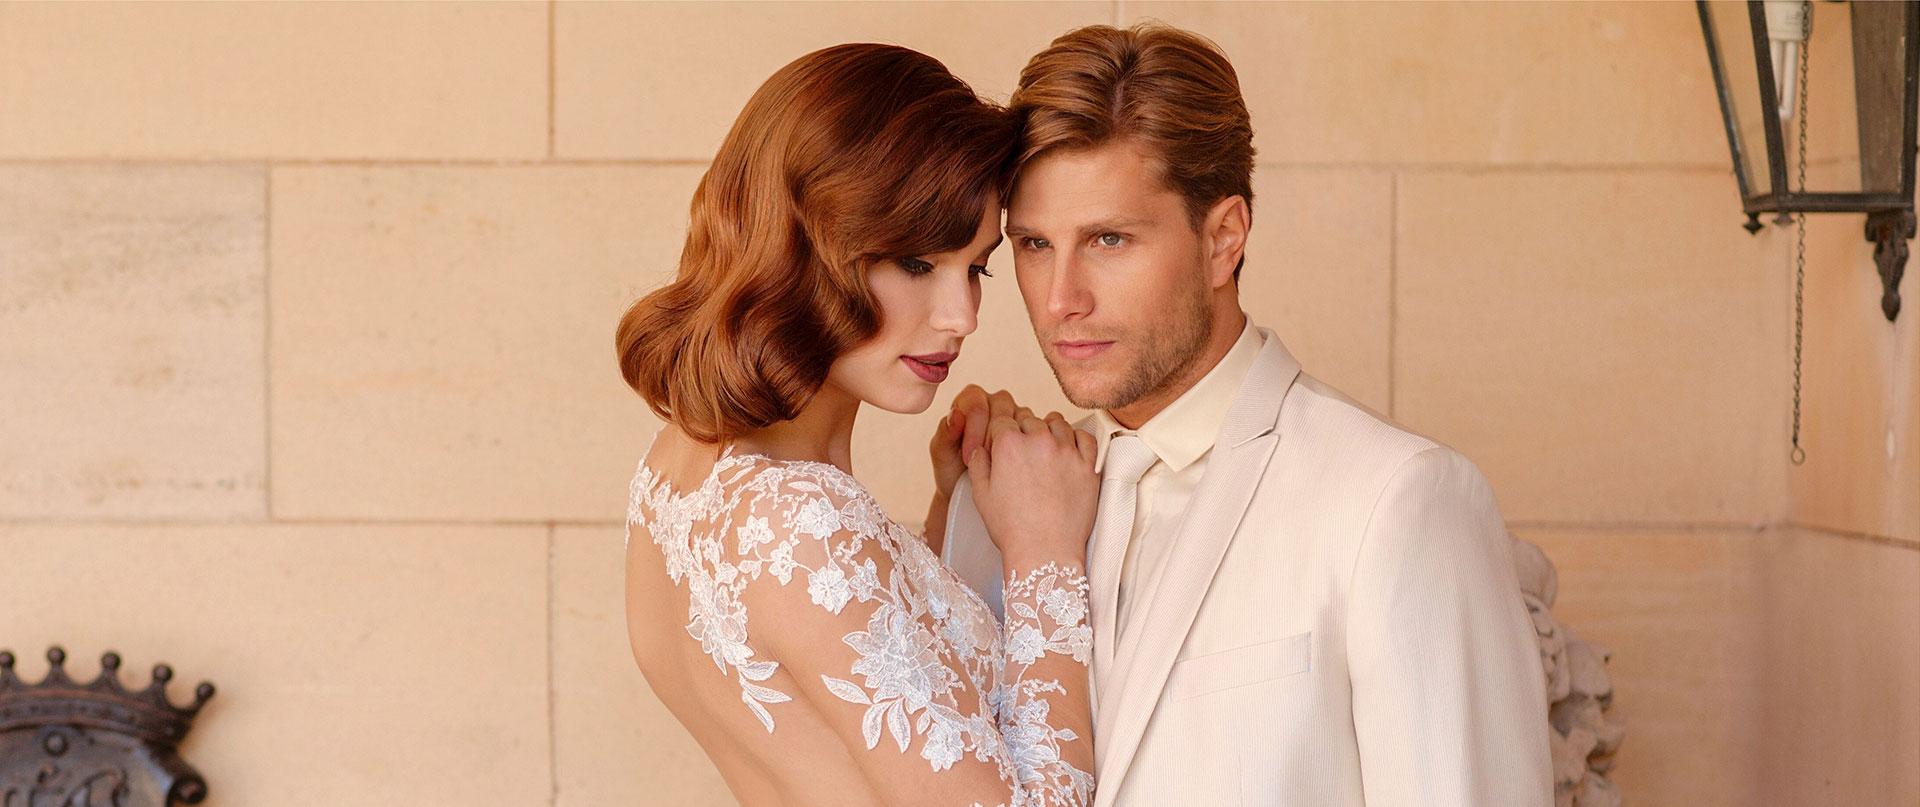 Brautmode Abendkleider Couture ǀ Honeymoon Dusseldorf